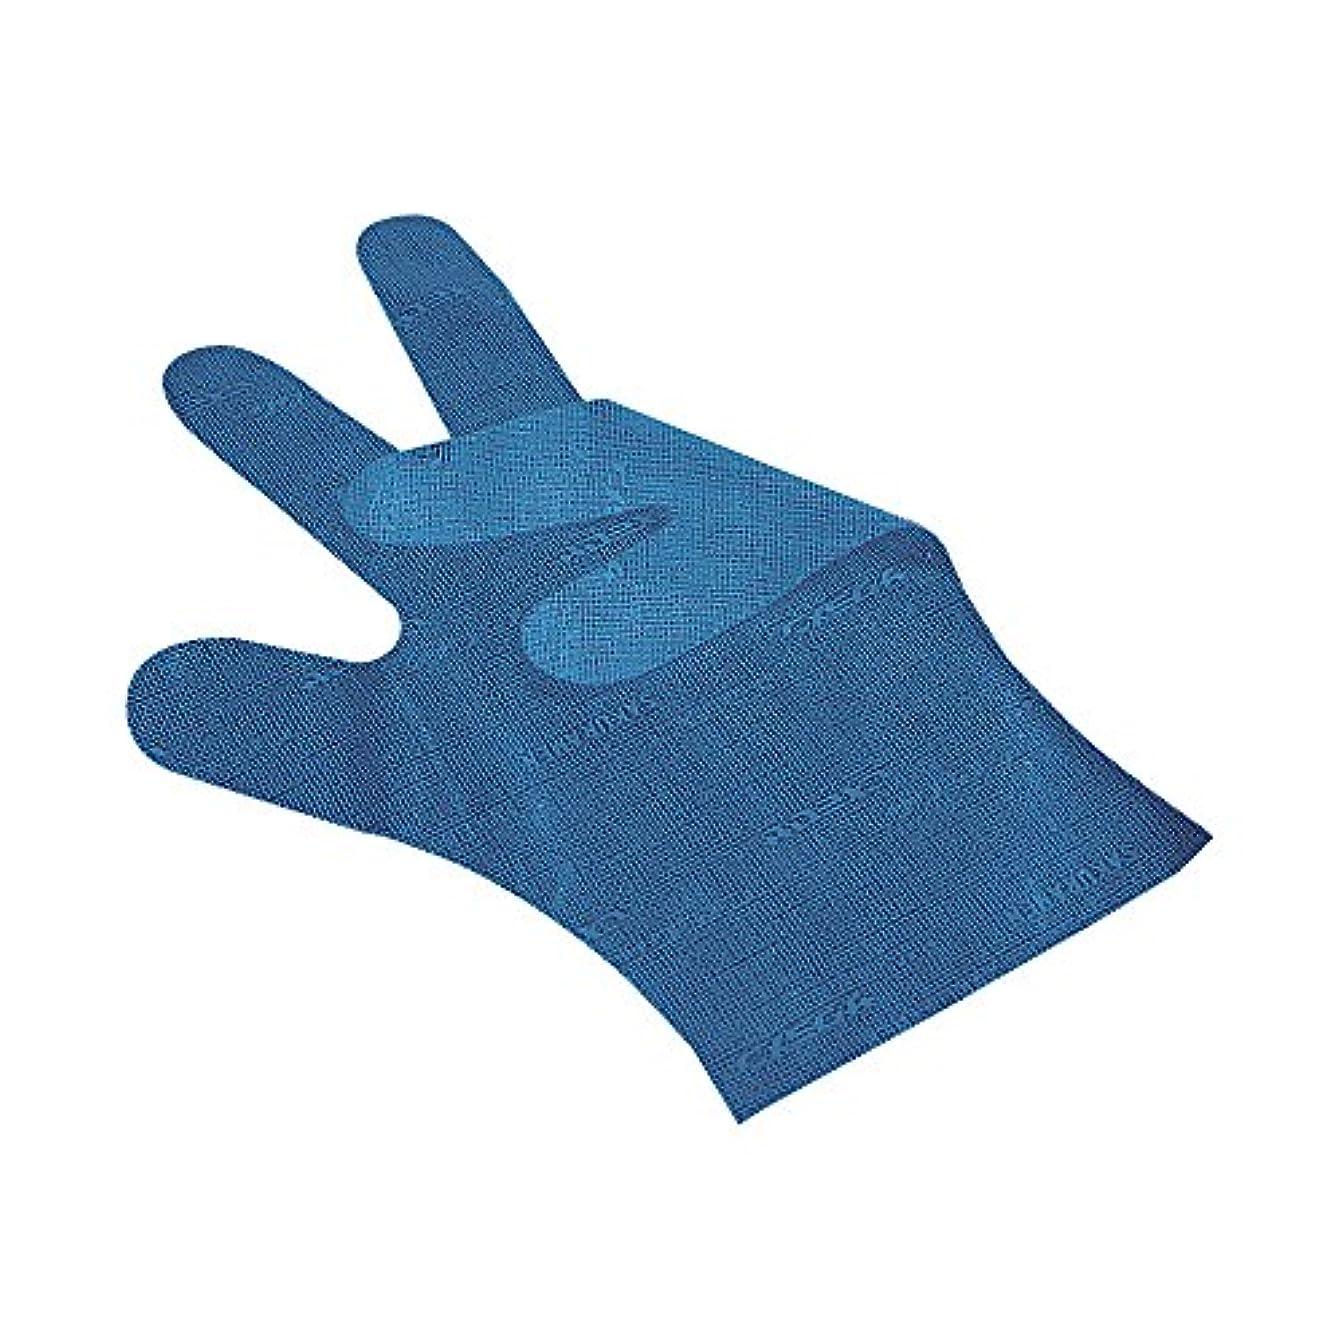 恐怖セットする北西サクラメンエンボス手袋 デラックス ブルー M 100枚入